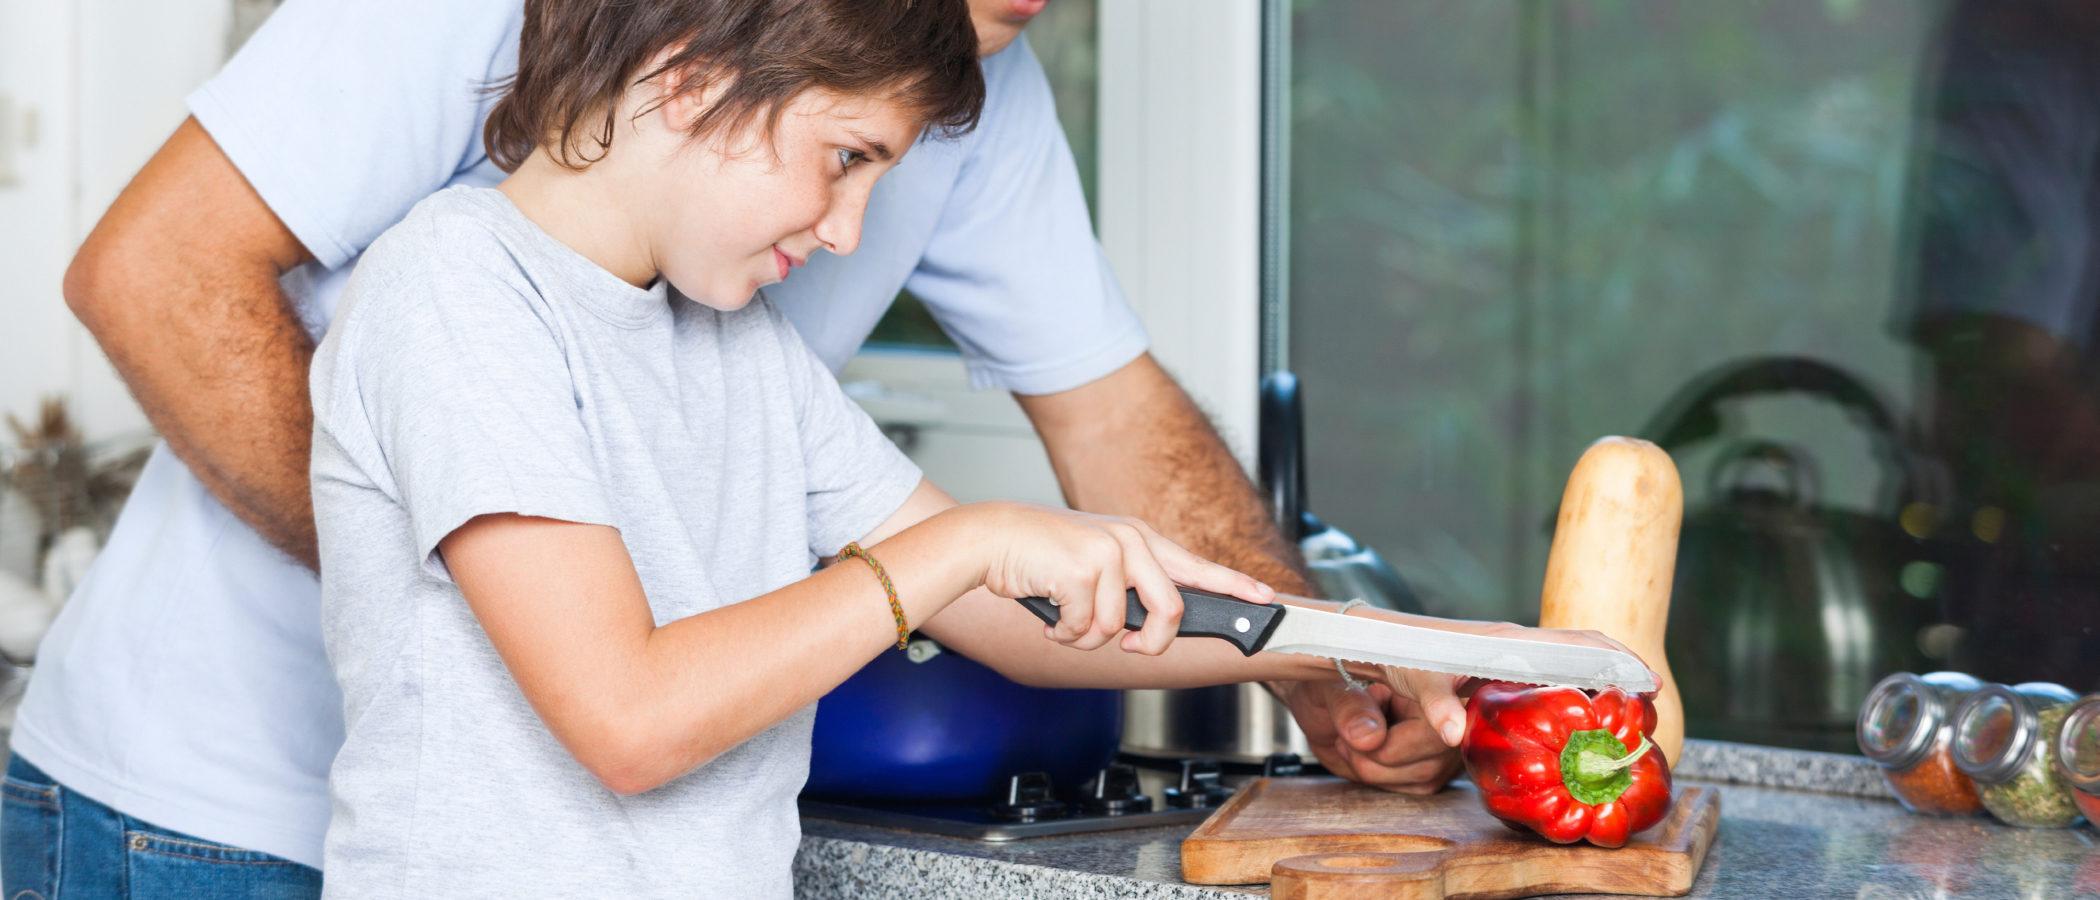 Cómo cocinar las verduras para hacerlas más atractivas para los niños